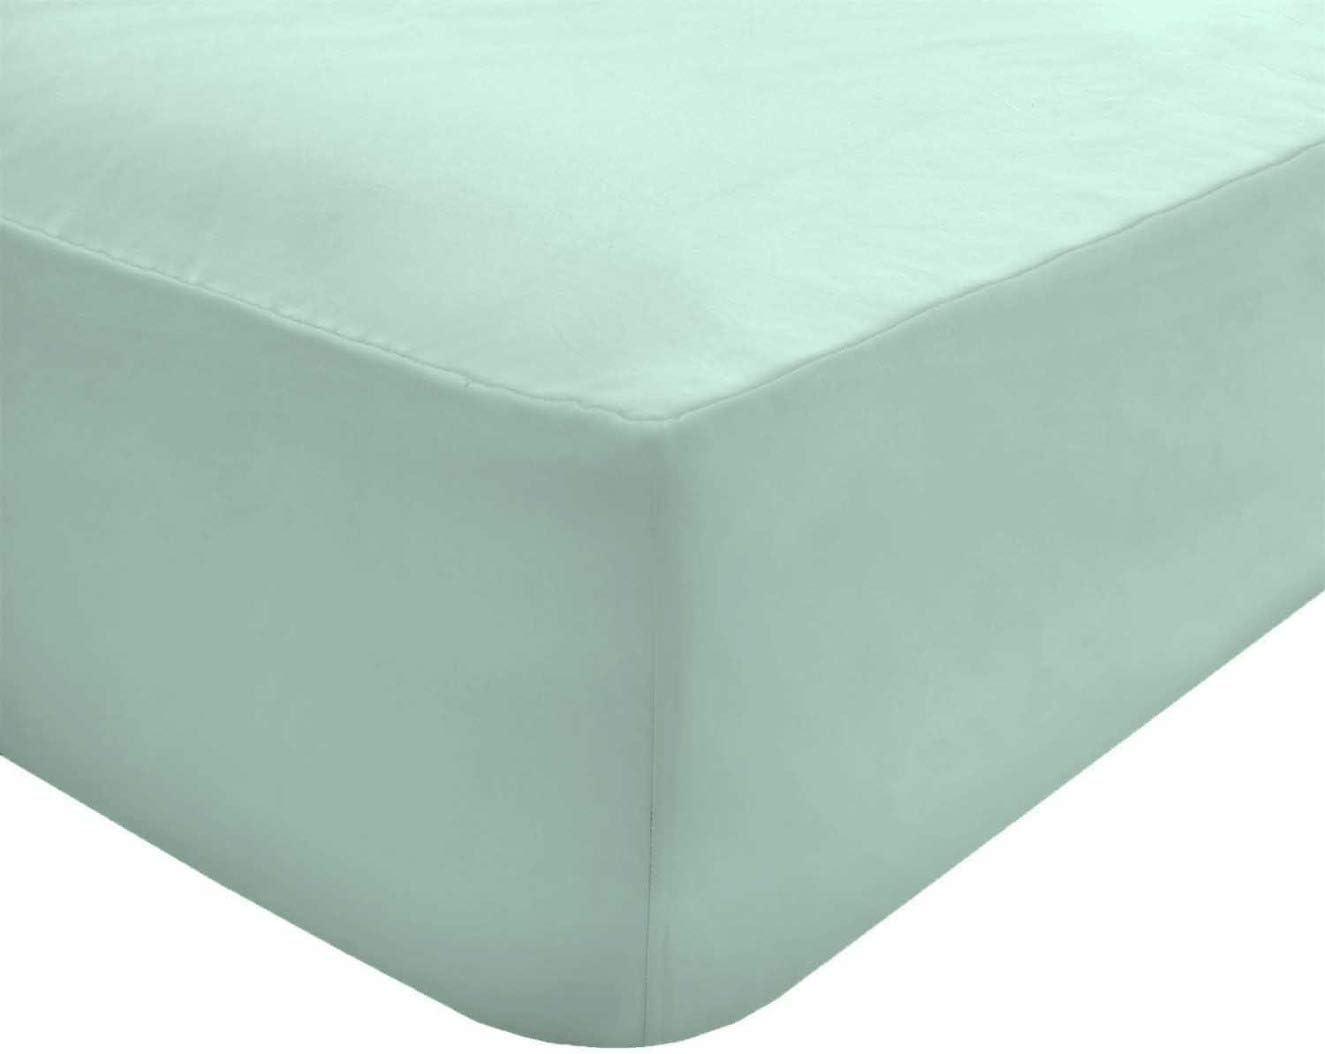 Sleepdown Sábana Bajera Ajustable de polialgodón de fácil Cuidado, no Necesita Planchado, Muy Suave, 25 cm de Profundidad, para Cama Doble, Color, Azul Pastel, Doublé